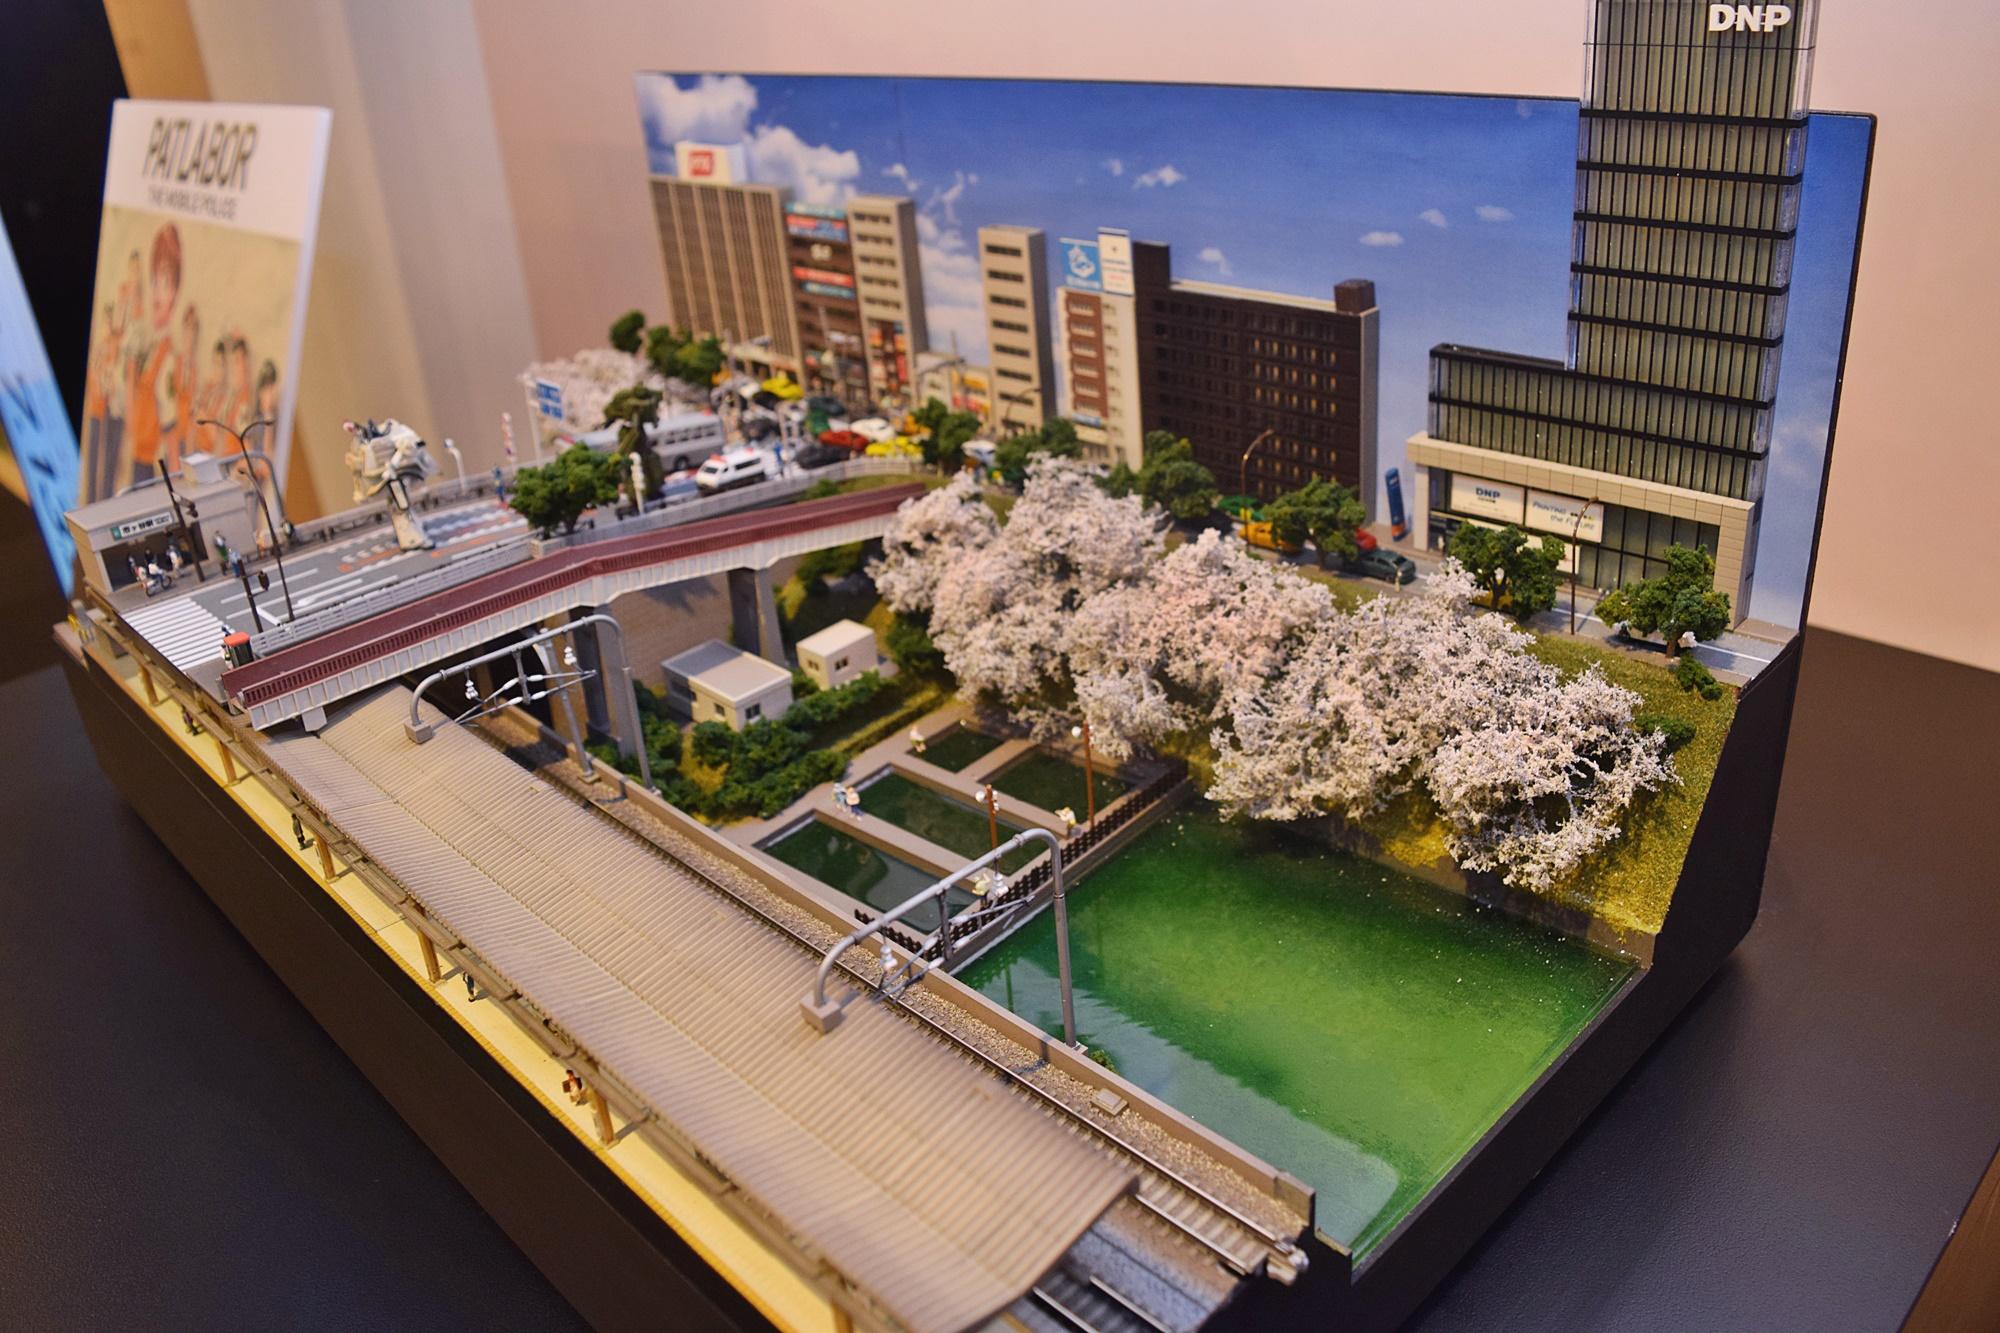 「アニメと鉄道展」を鉄道BIG4が大絶賛! 『ラブライブ!サンシャイン!!』、『この世界の片隅に』、『機動警察パトレイバー』、『ISLAND』などが展示-19